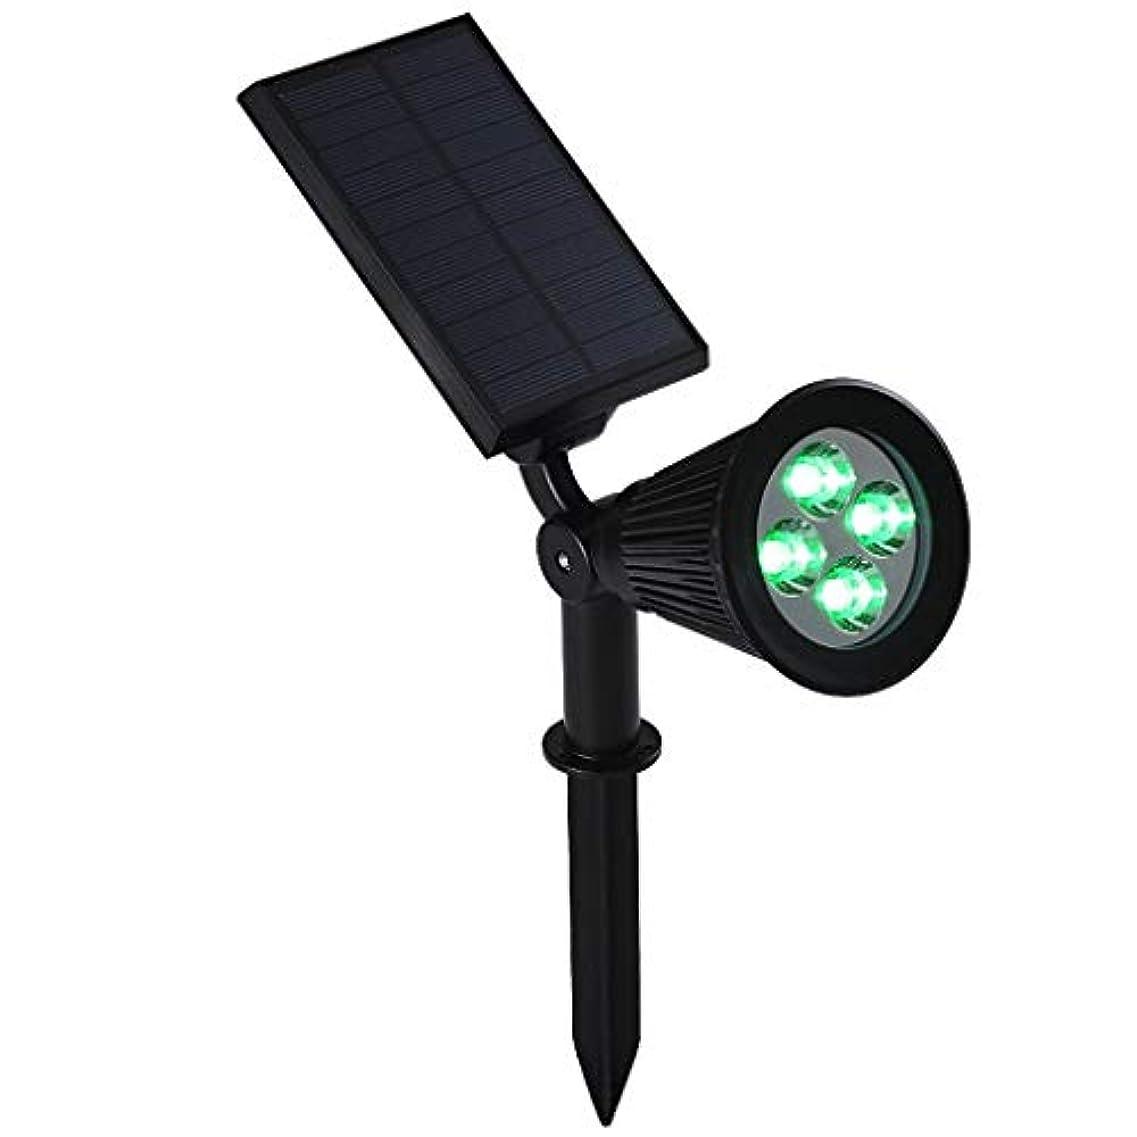 慎重尋ねるピカソZXHソーラースポットライト屋外、IP65防水ソーラーガーデンライト4 LEDセキュリティスポットライト壁、木、パティオ、ガレージ、庭、経路のソーラーランプ (Color : Blue light)